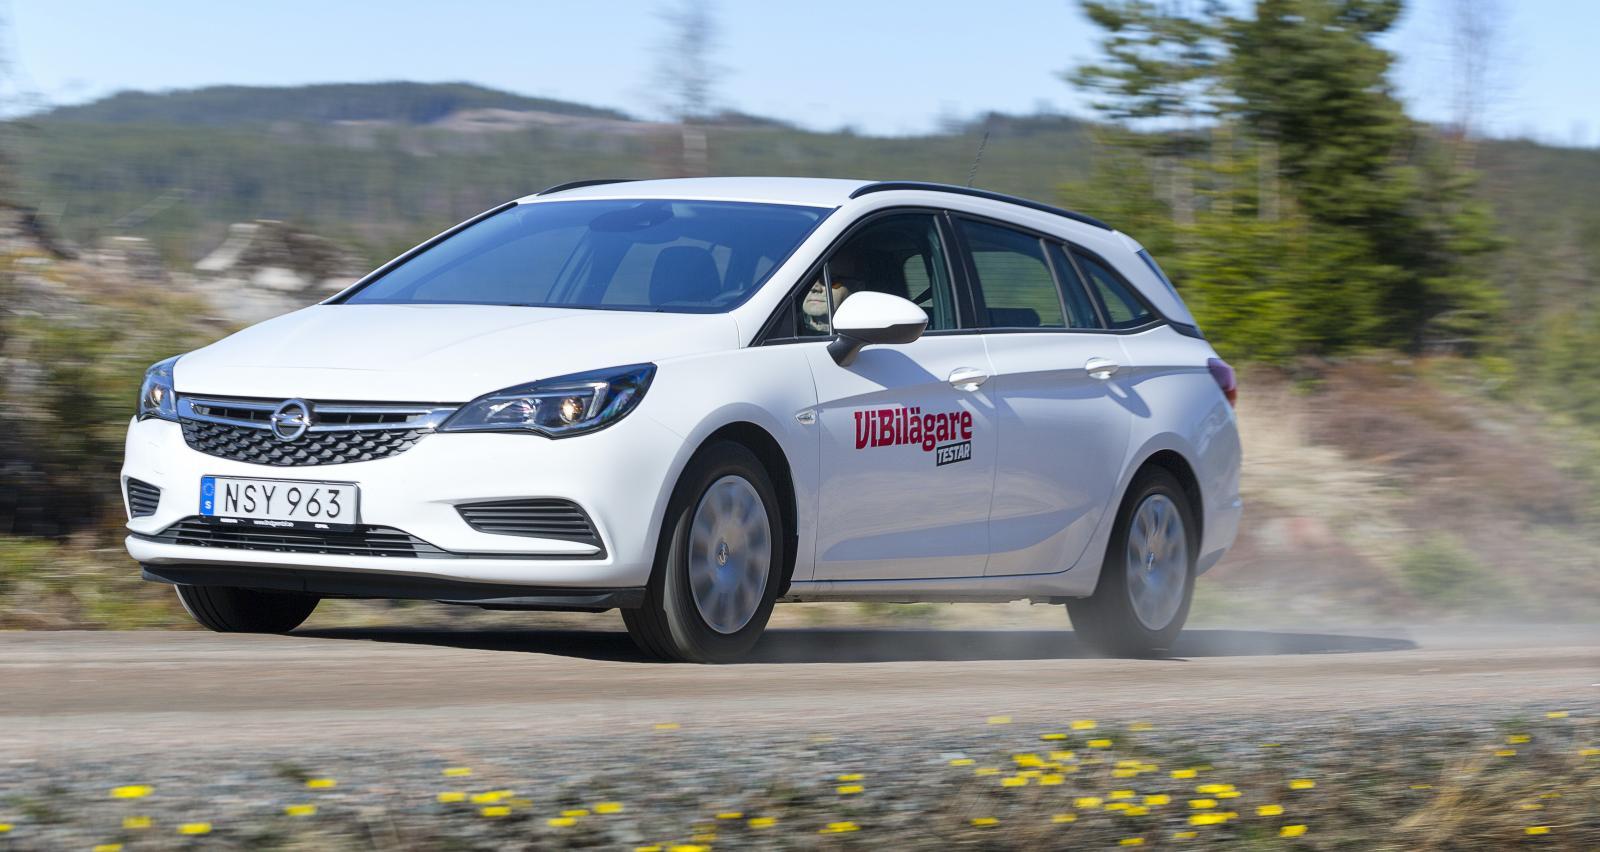 Opels svenska försäljning går trögt. För att få köparna att slå till på en Astra eller Corsa lockar handlarna nu med rejäla rabatter.